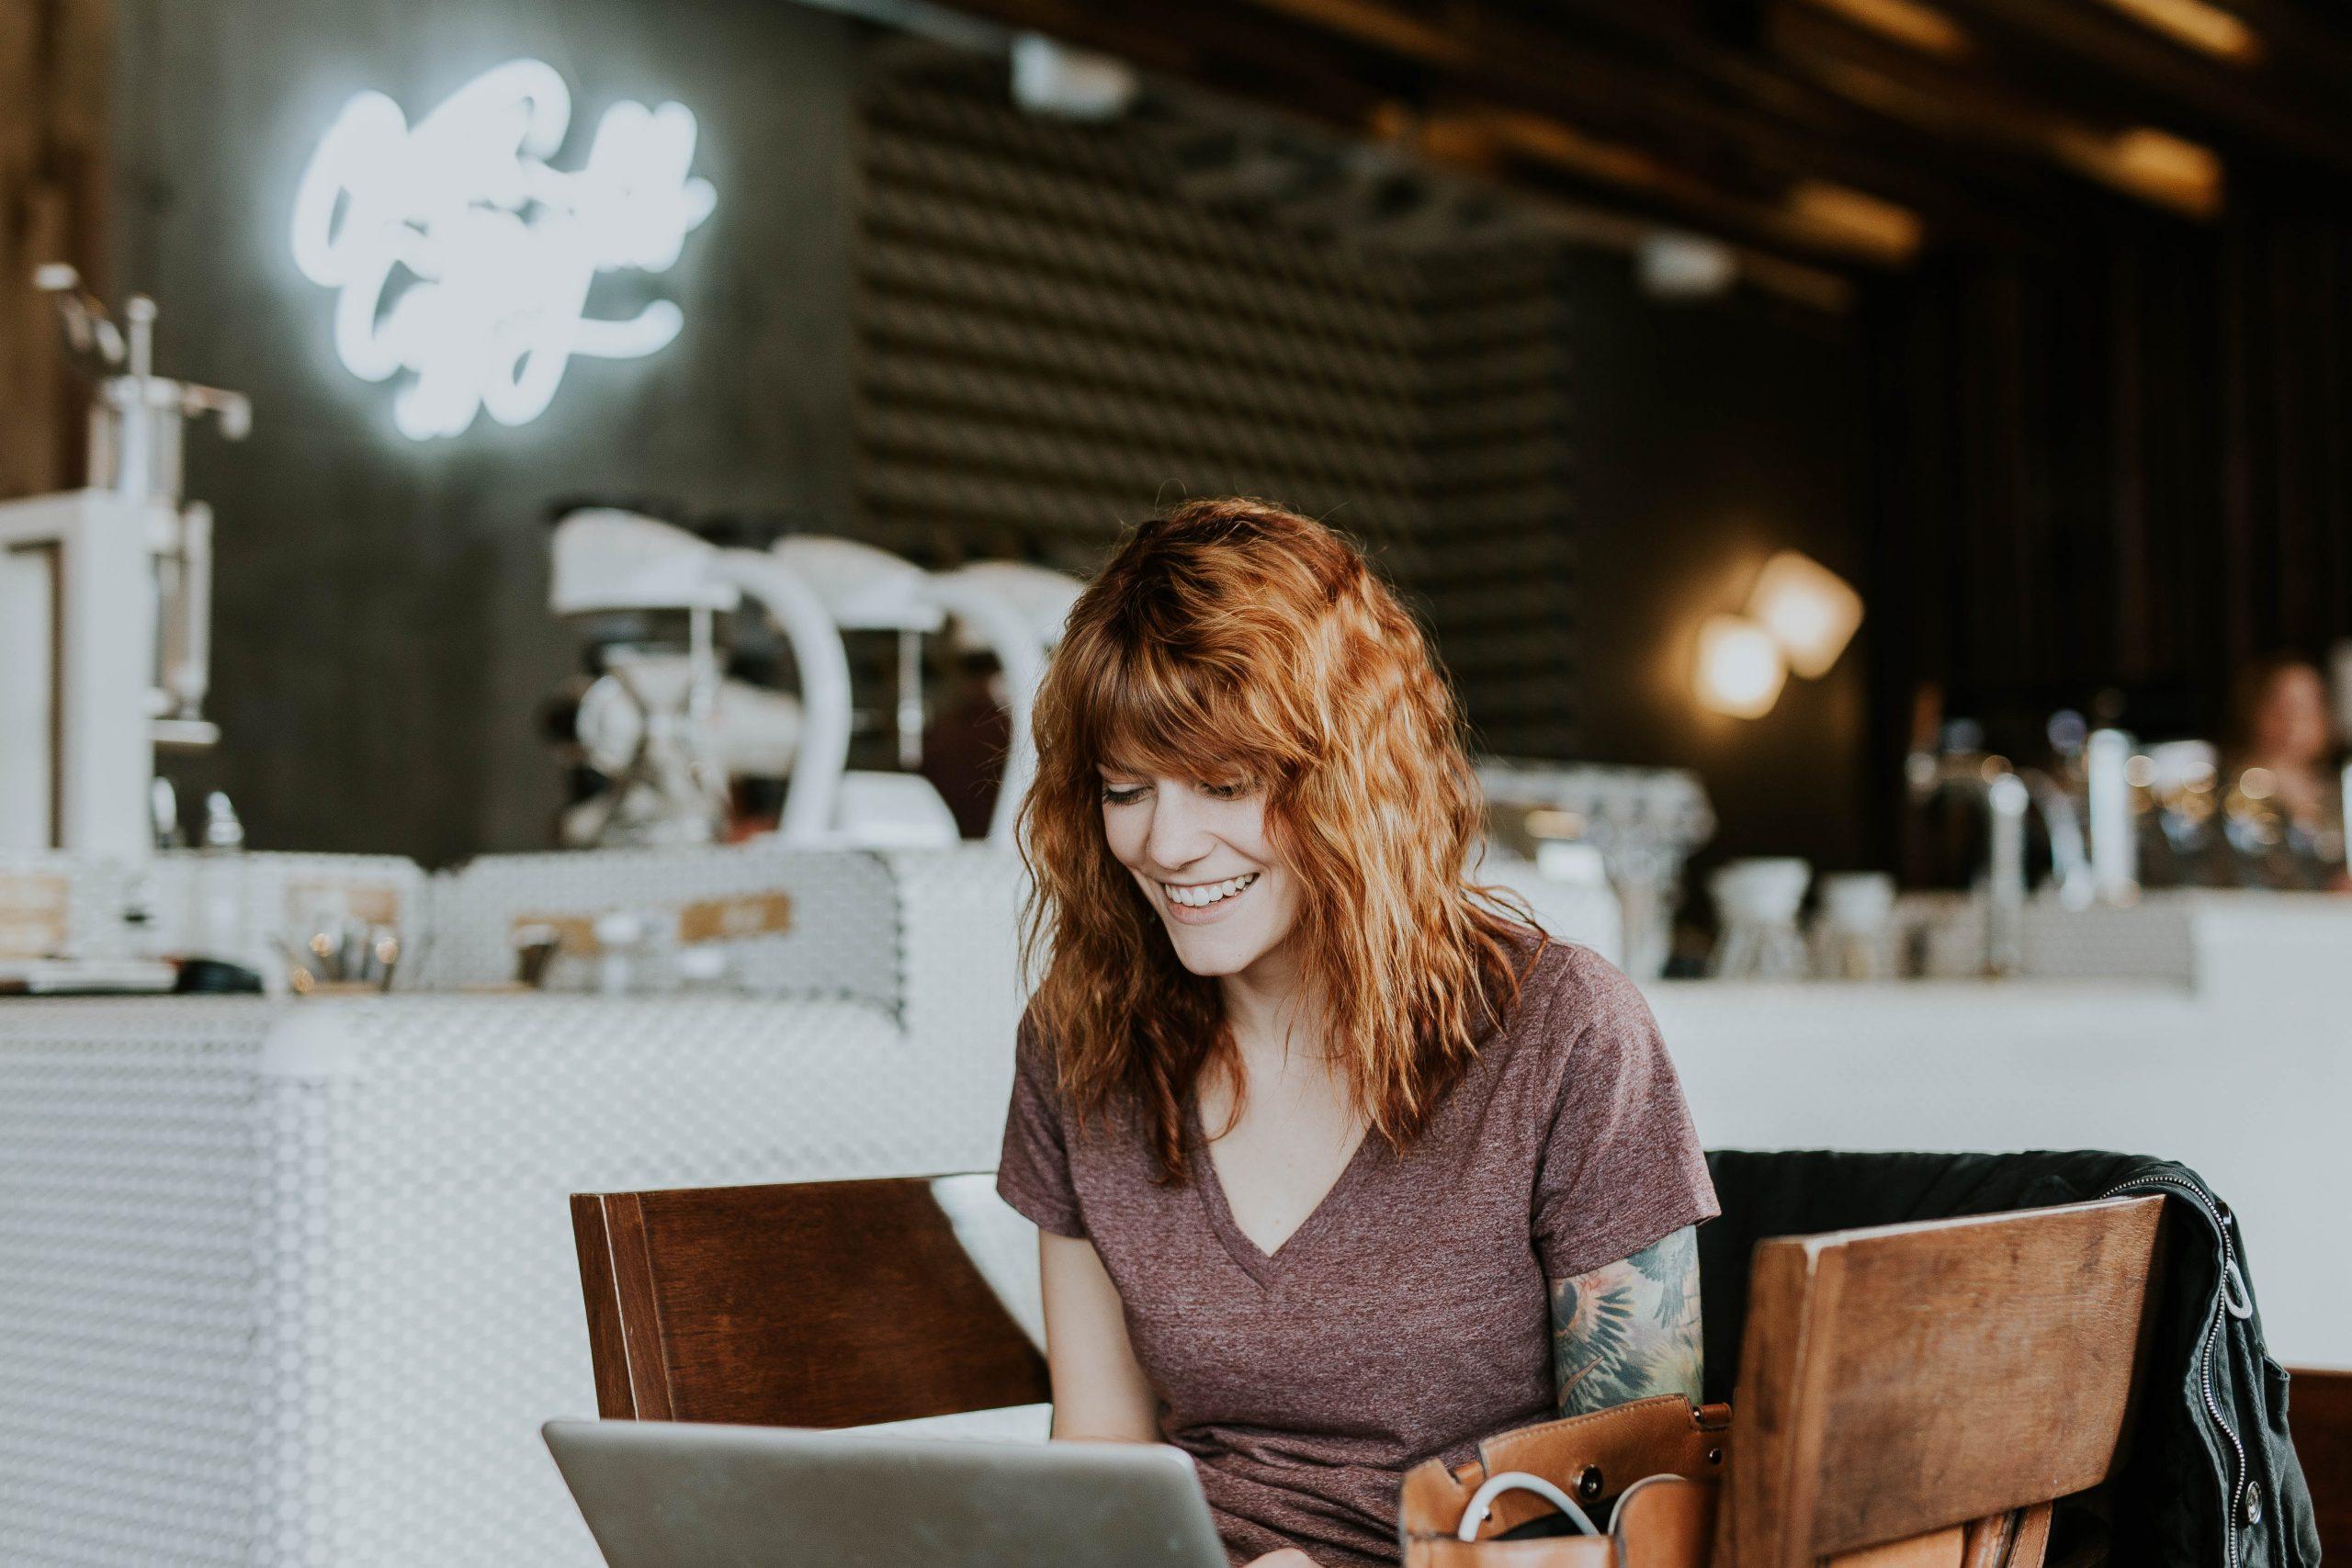 Busca empleo de una manera más productiva